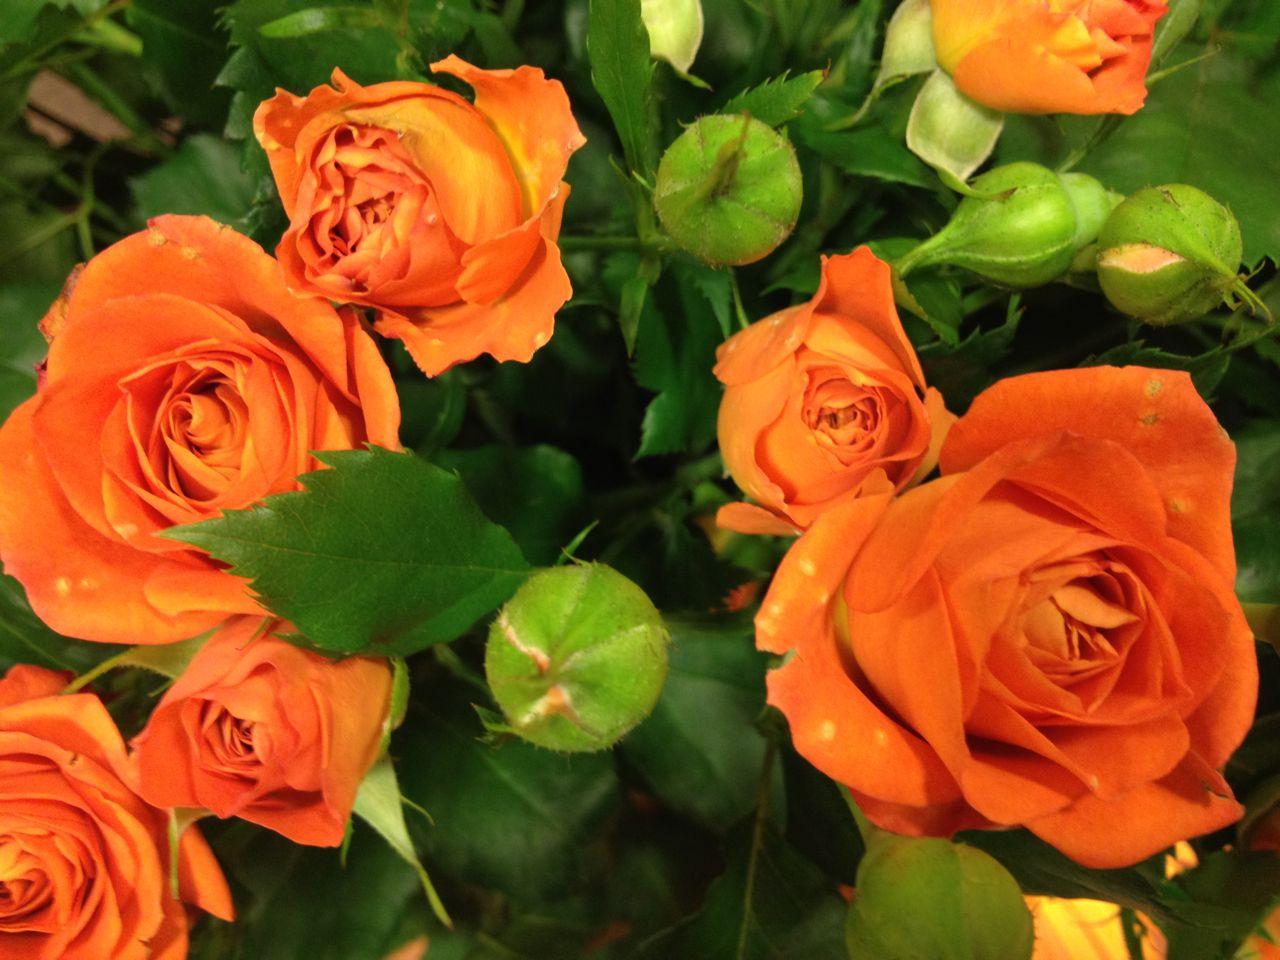 Elisabetta fiori e piante rose arancioni - Interflora contatti ...